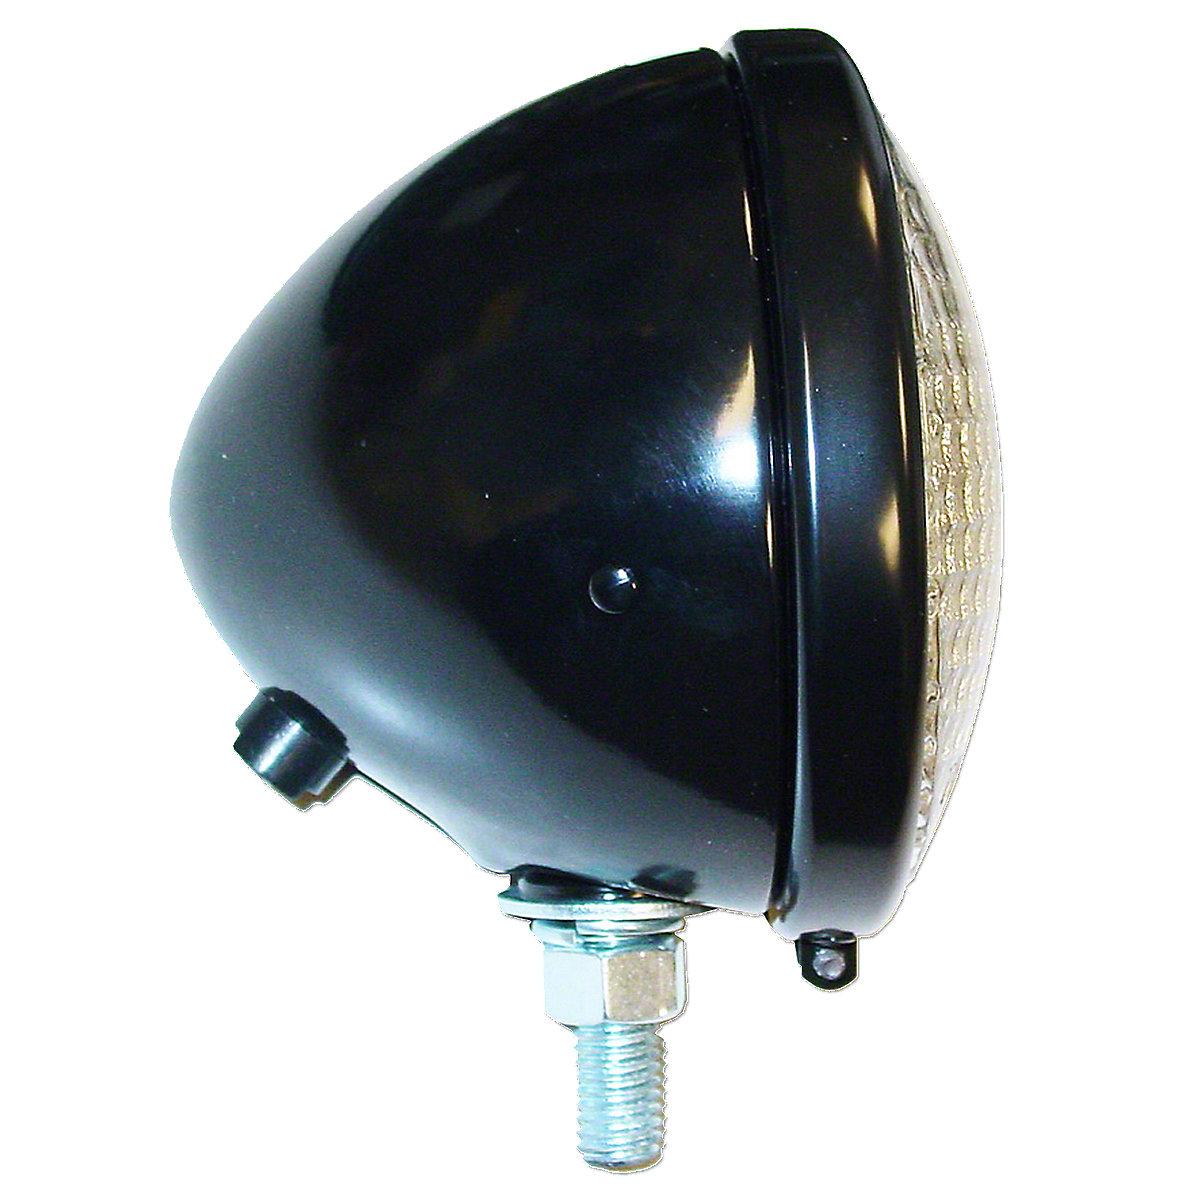 Tractor Headlight Assemblies : Tractor lights headlight john deere light assembly